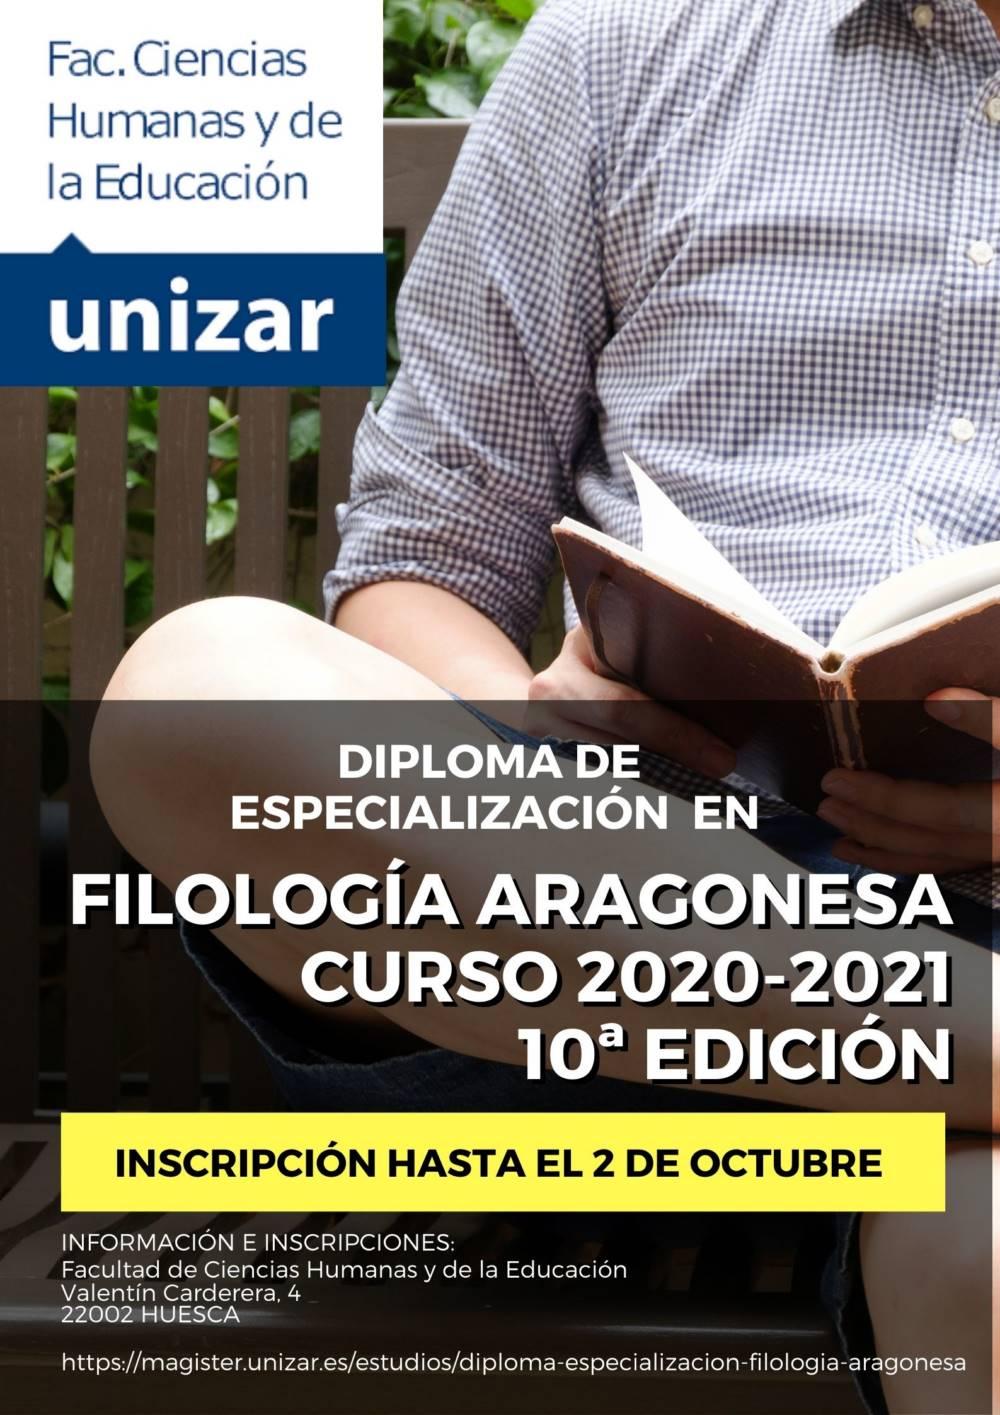 La inscripción termina el 19 de octubre